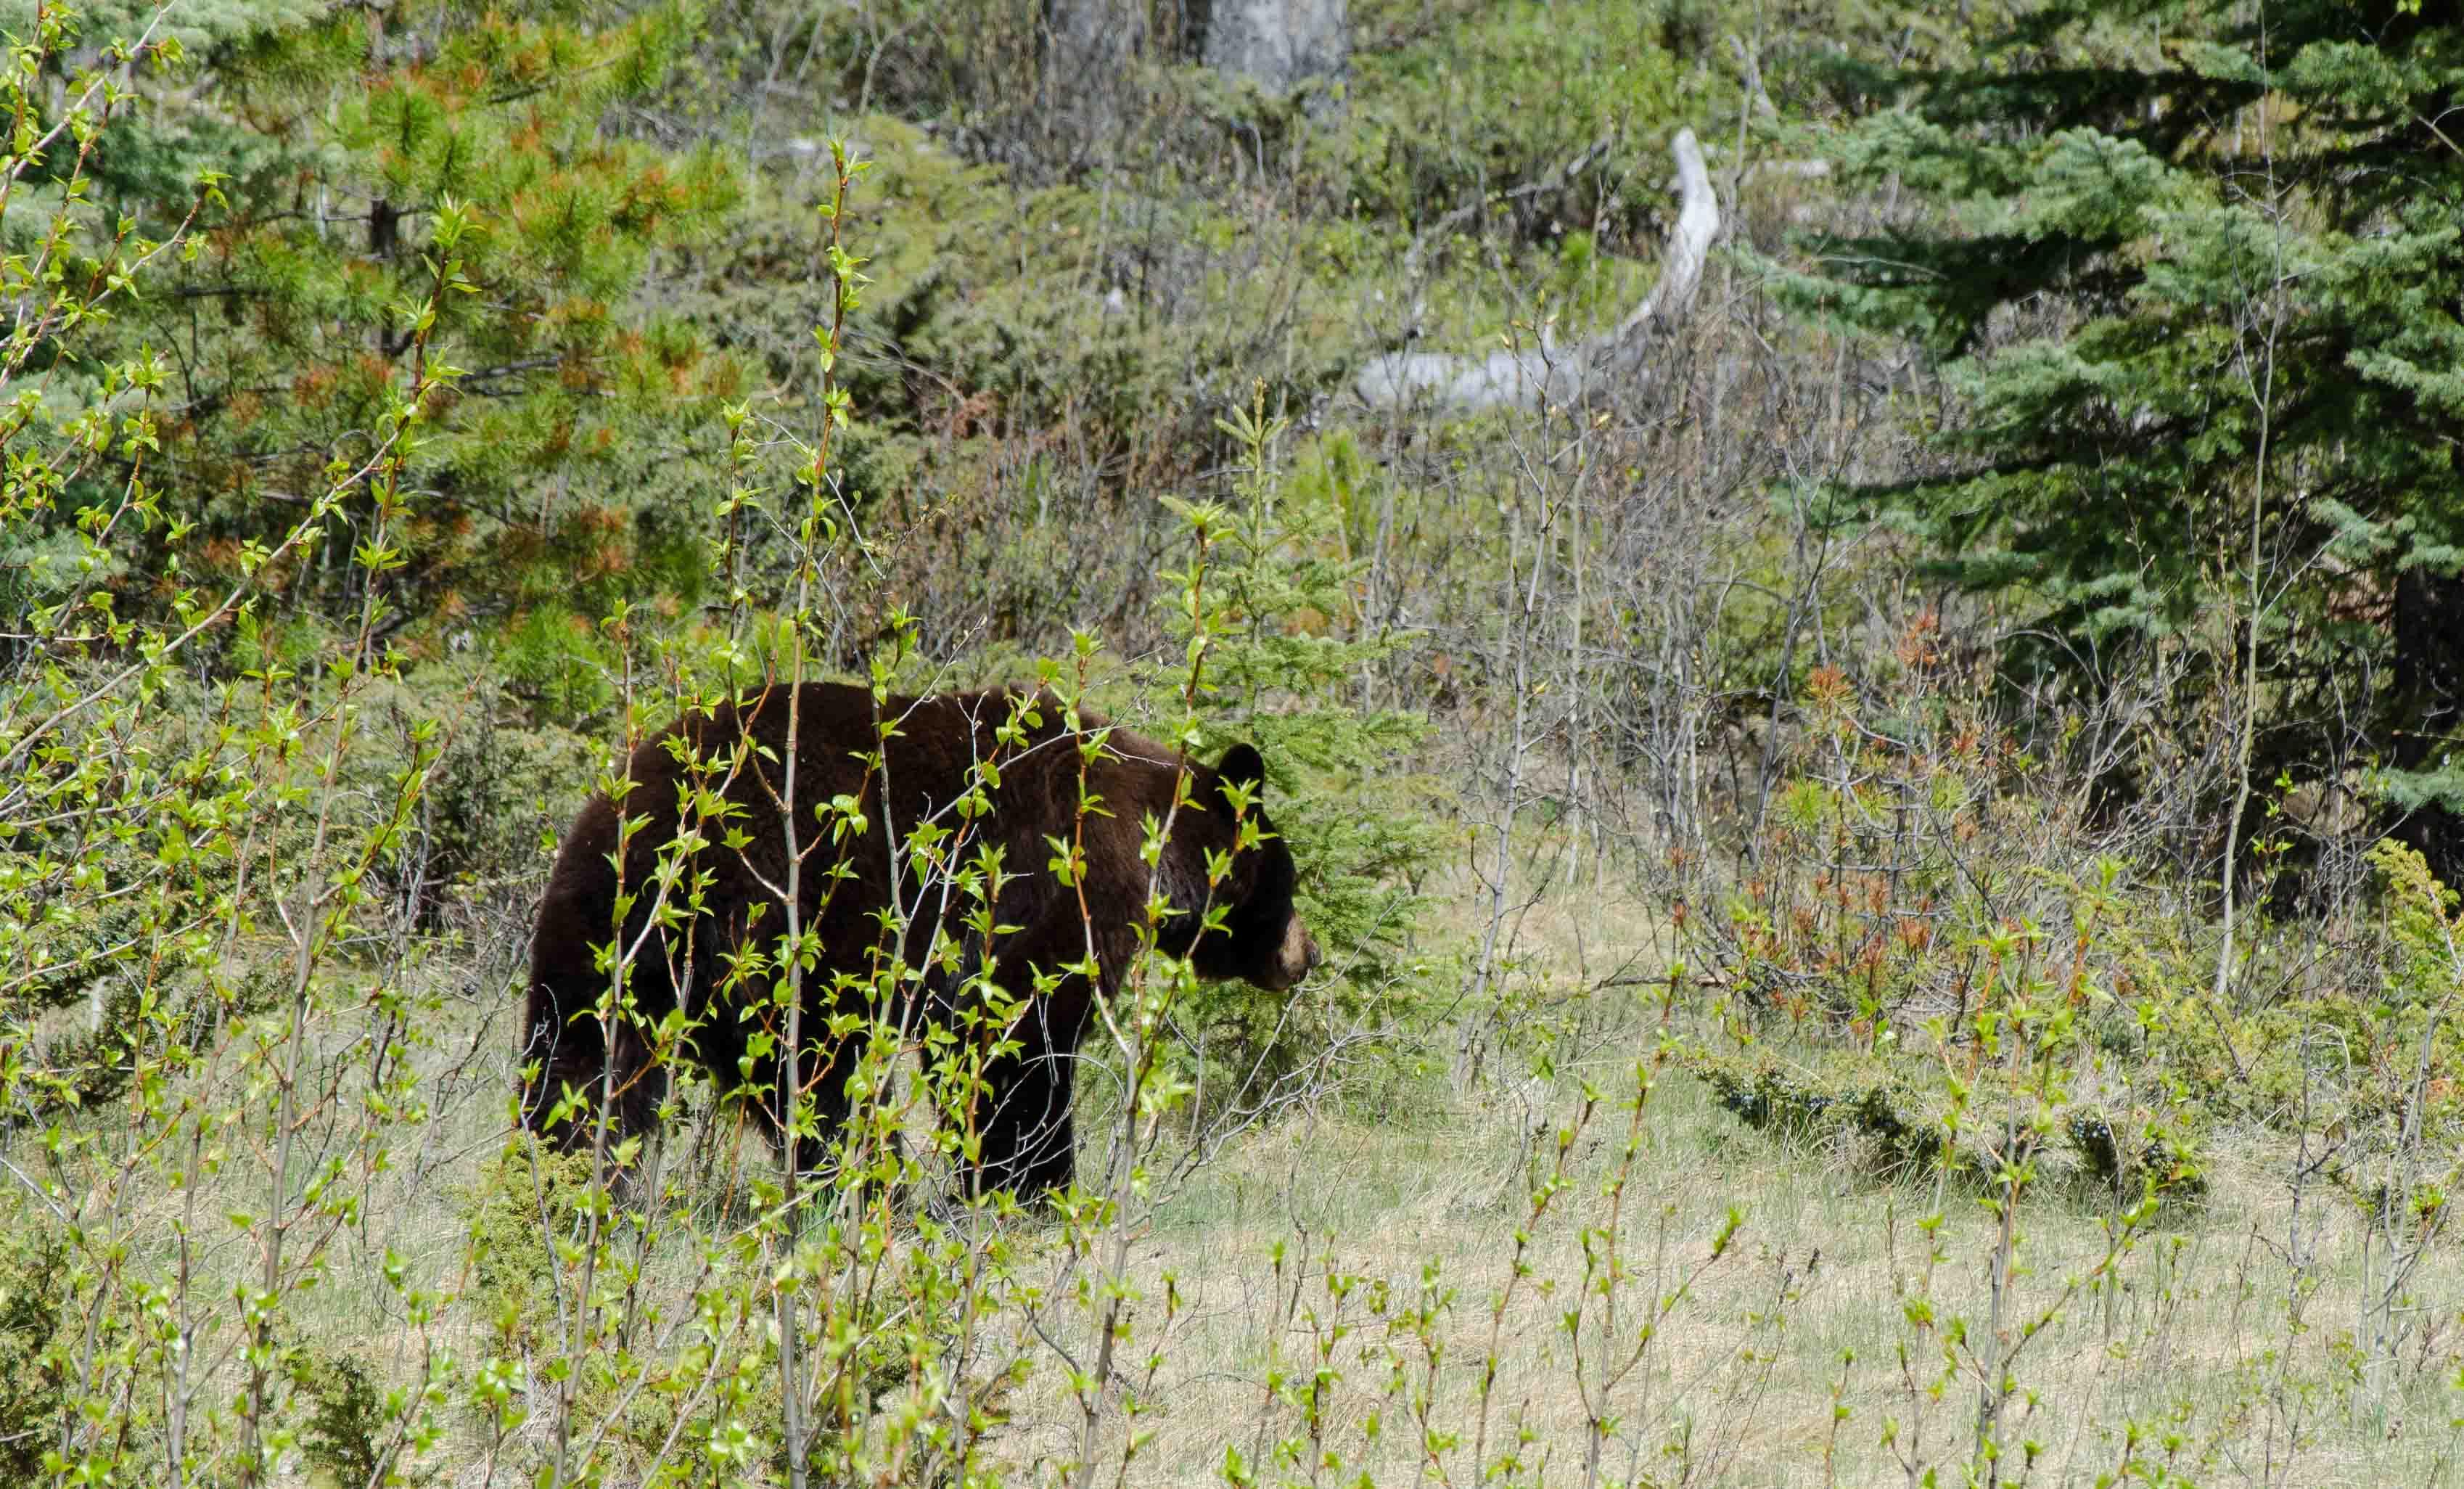 190523_Black_bear_0001.JPG